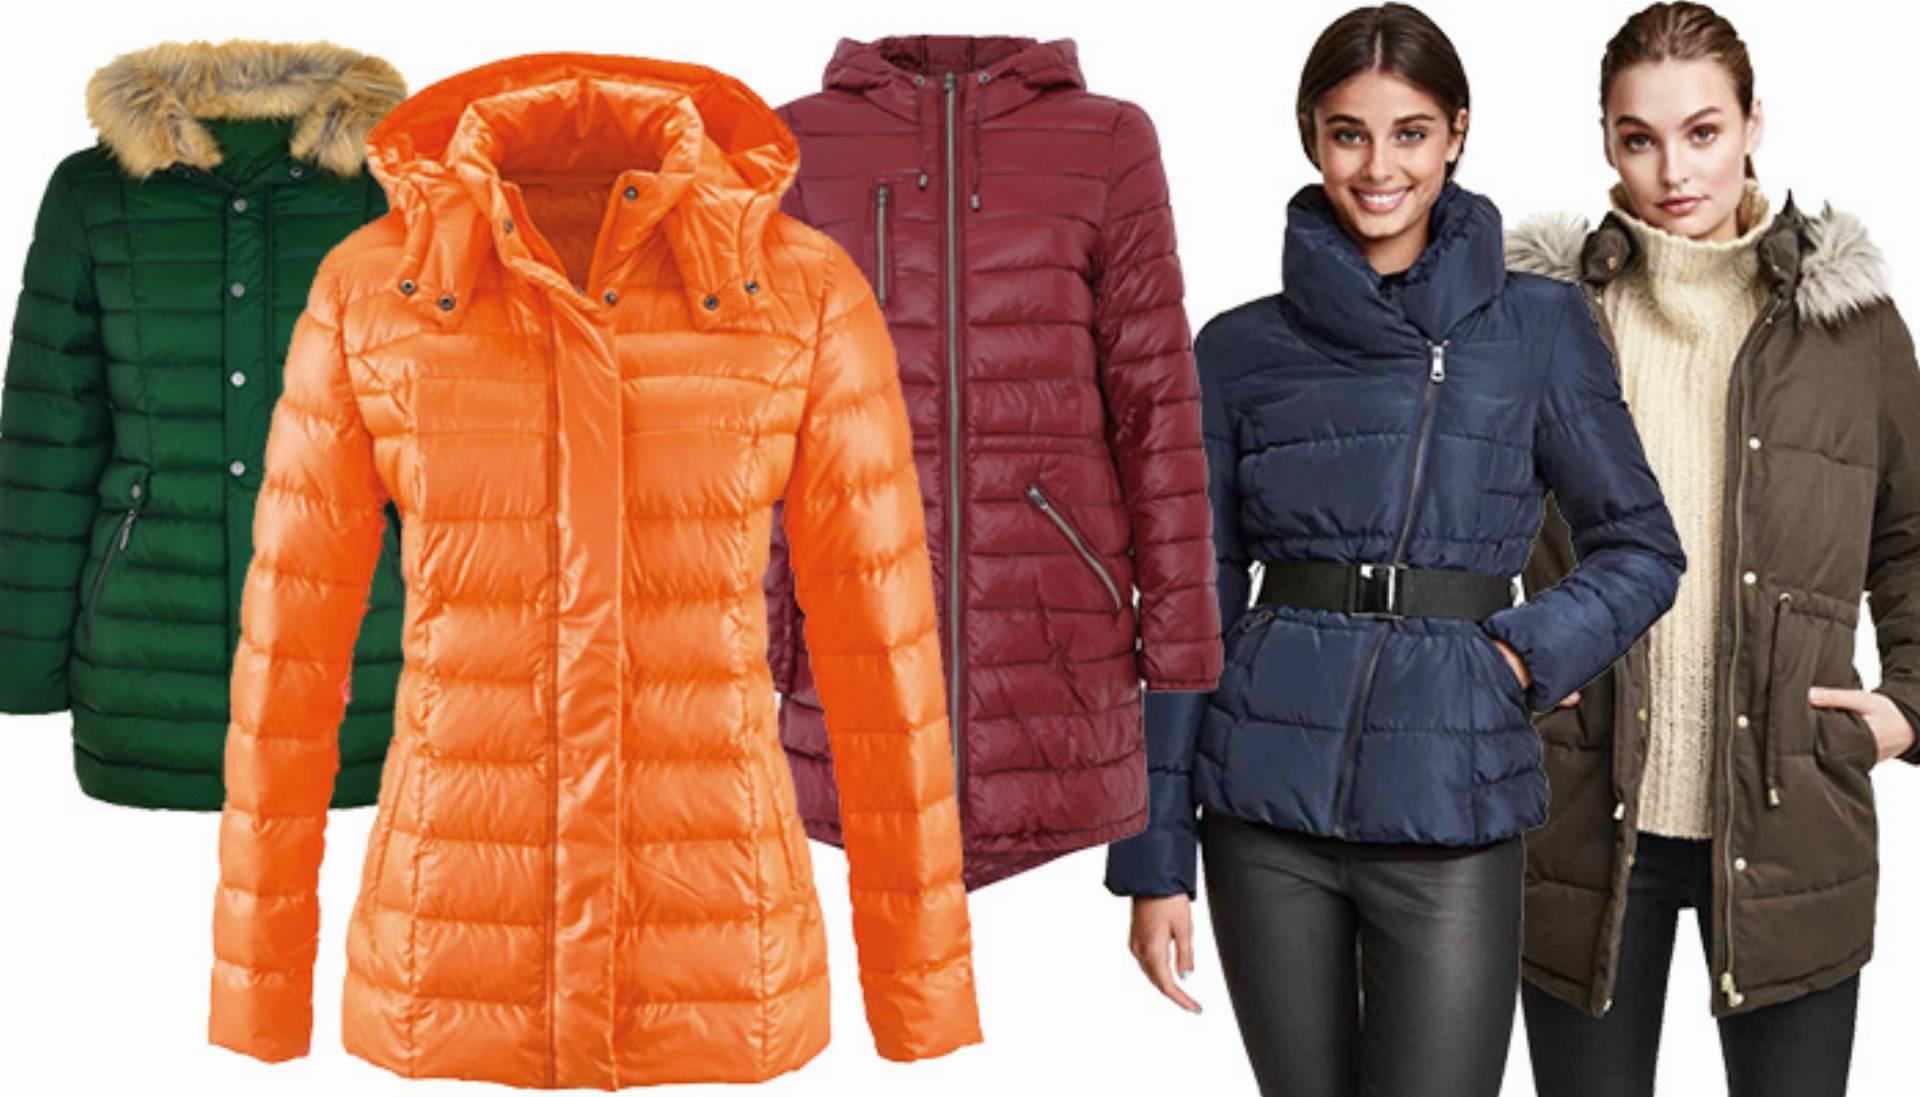 1c44f3c11b50 Zapraszam do galerii  Shoppingowy przegląd  Ciepłe i modne kurtki na zimę  2015 2016